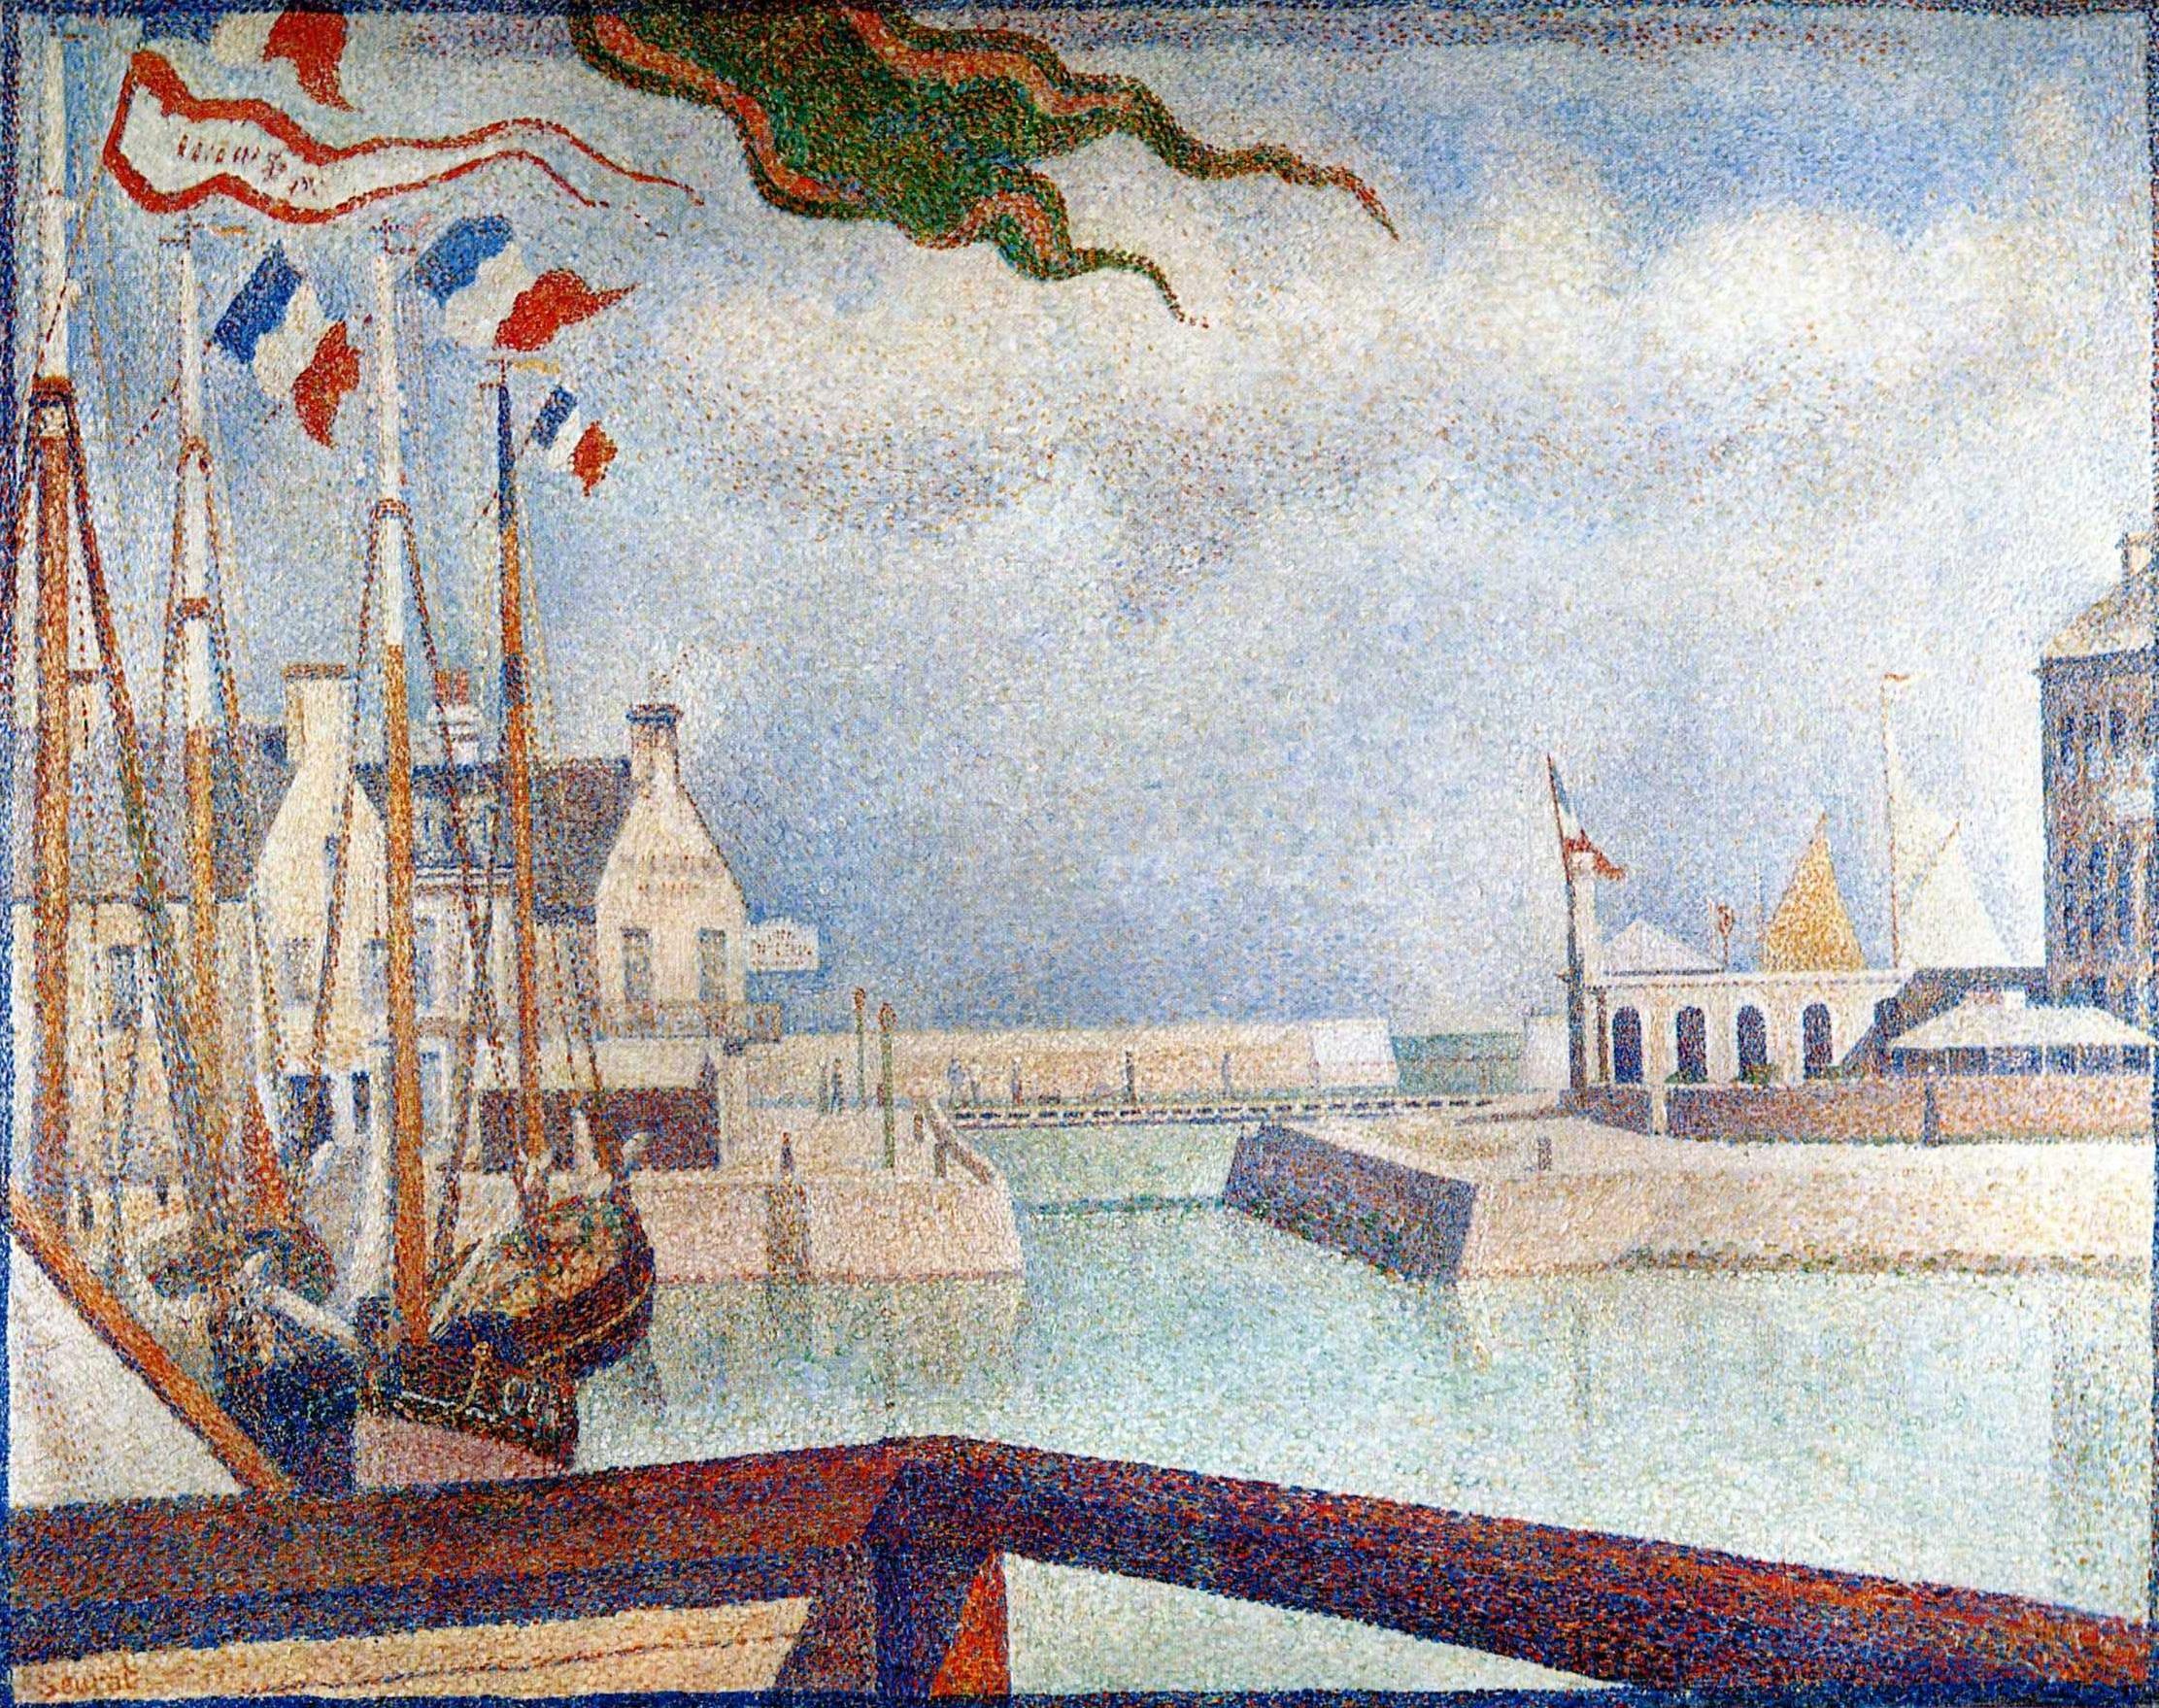 Dimanche à Port-en-Bessin, Georges Seurat, 1888